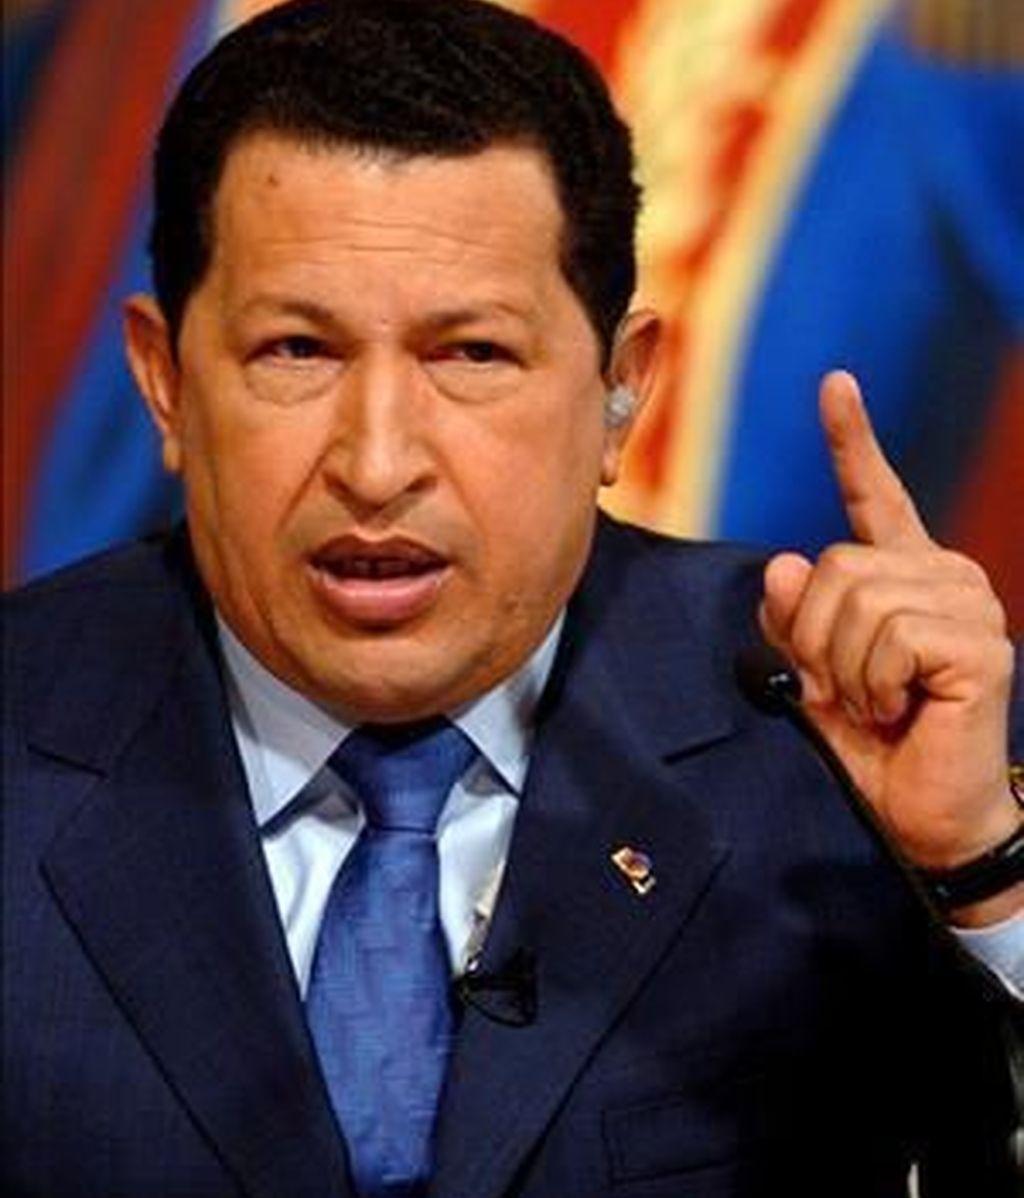 """La polémica sobre la supuesta colaboración del Gobierno de Chávez con ETA se ha reavivado por las acusaciones del ministro de Exteriores de Venezuela que vincula al juez Velazco con la """"mafia de Aznar"""". Video: Informativos Telecinco."""